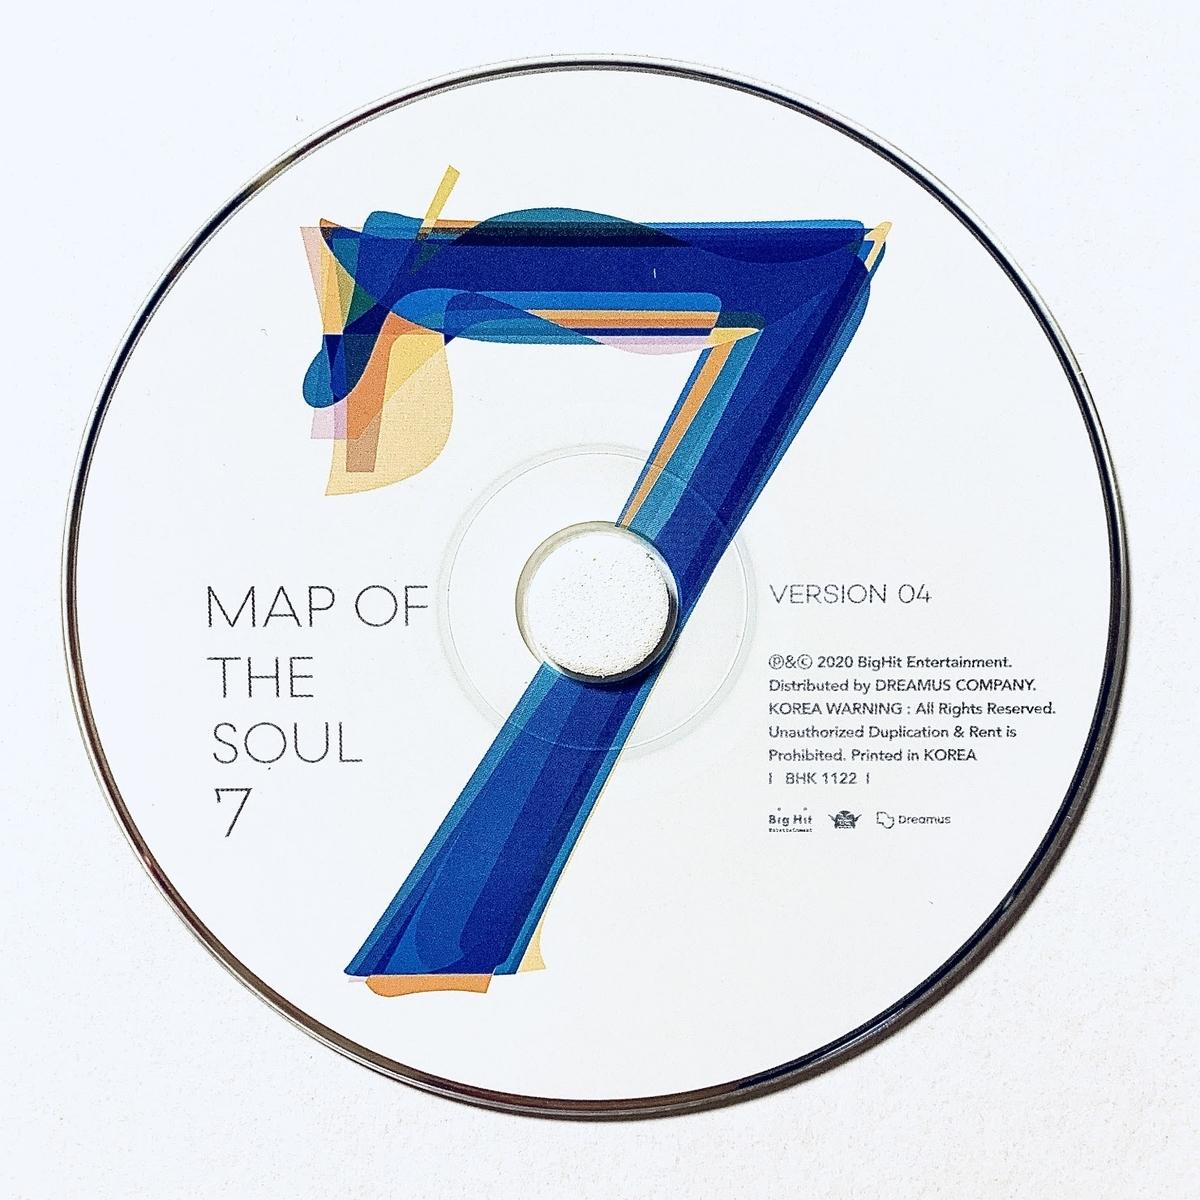 マップ オブザ ソウル 7 バージョン